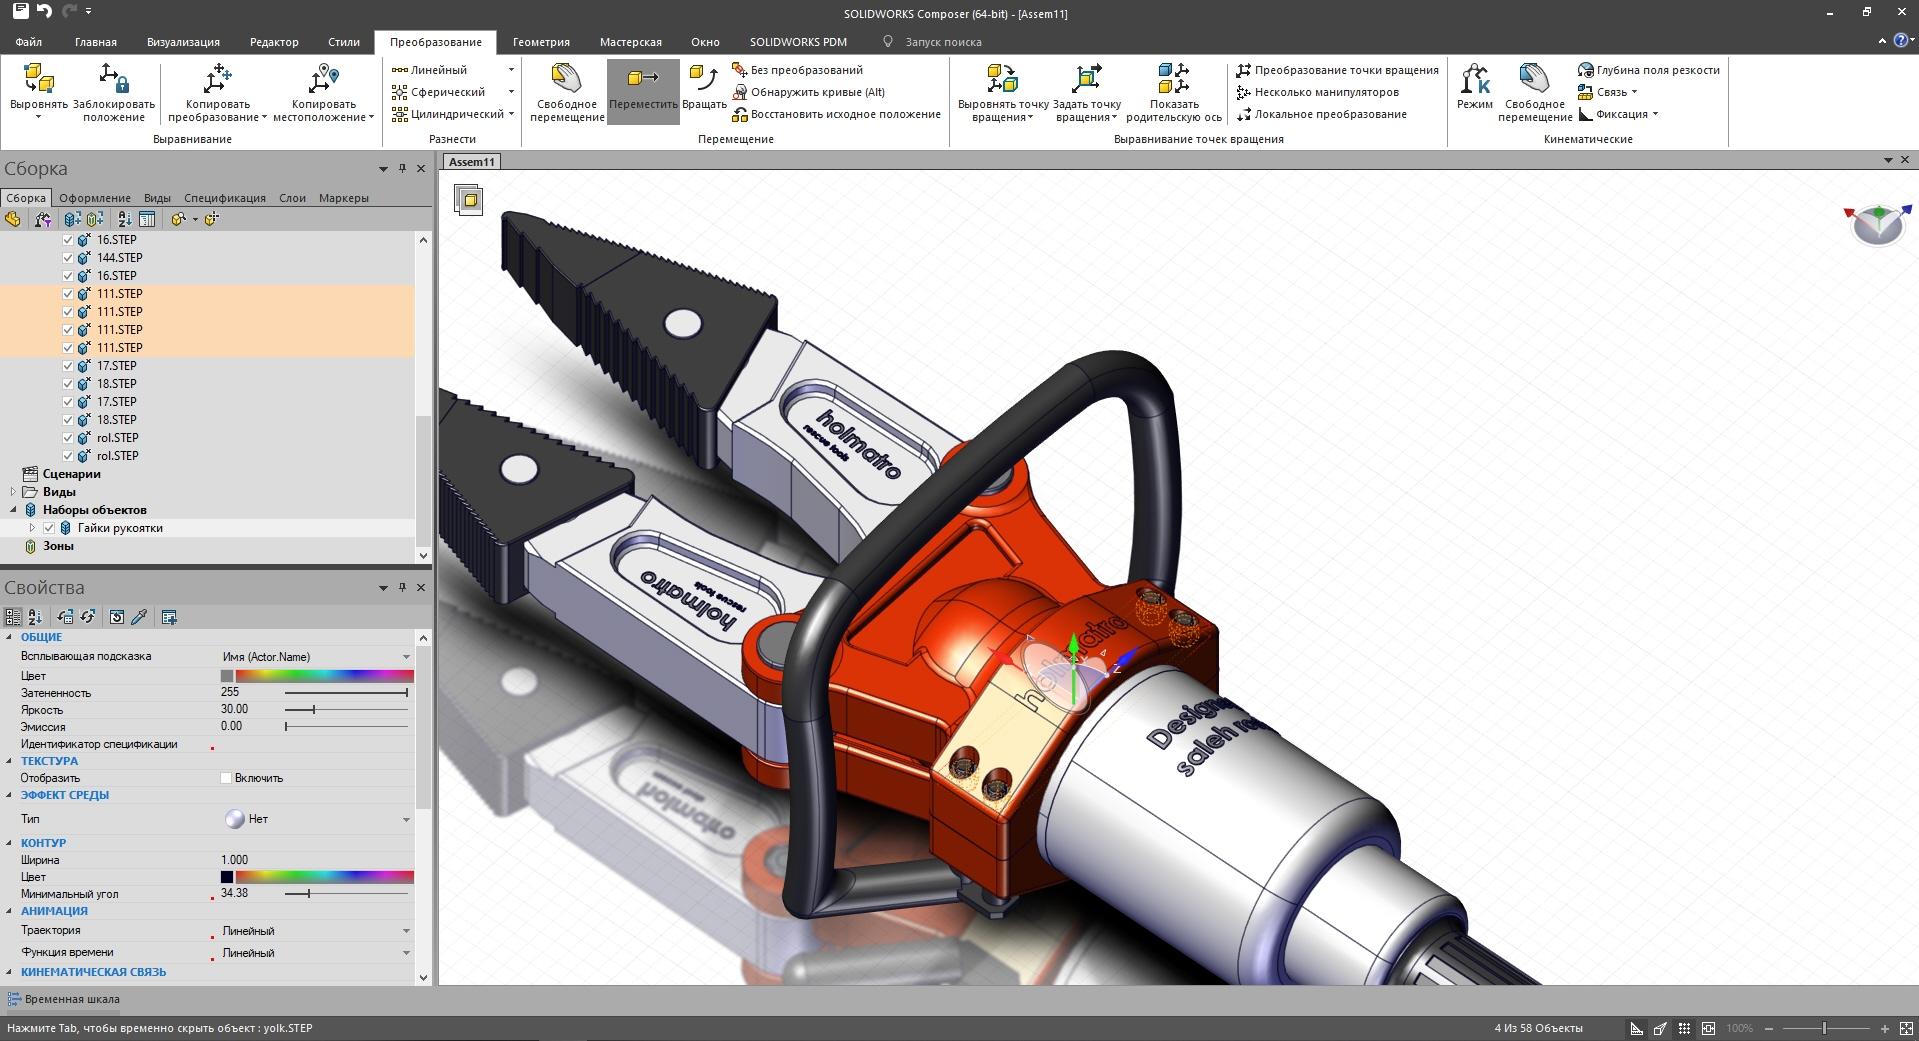 SolidWorks Composer, SolidWorks визуализация, гидравлические ножницы в Composer